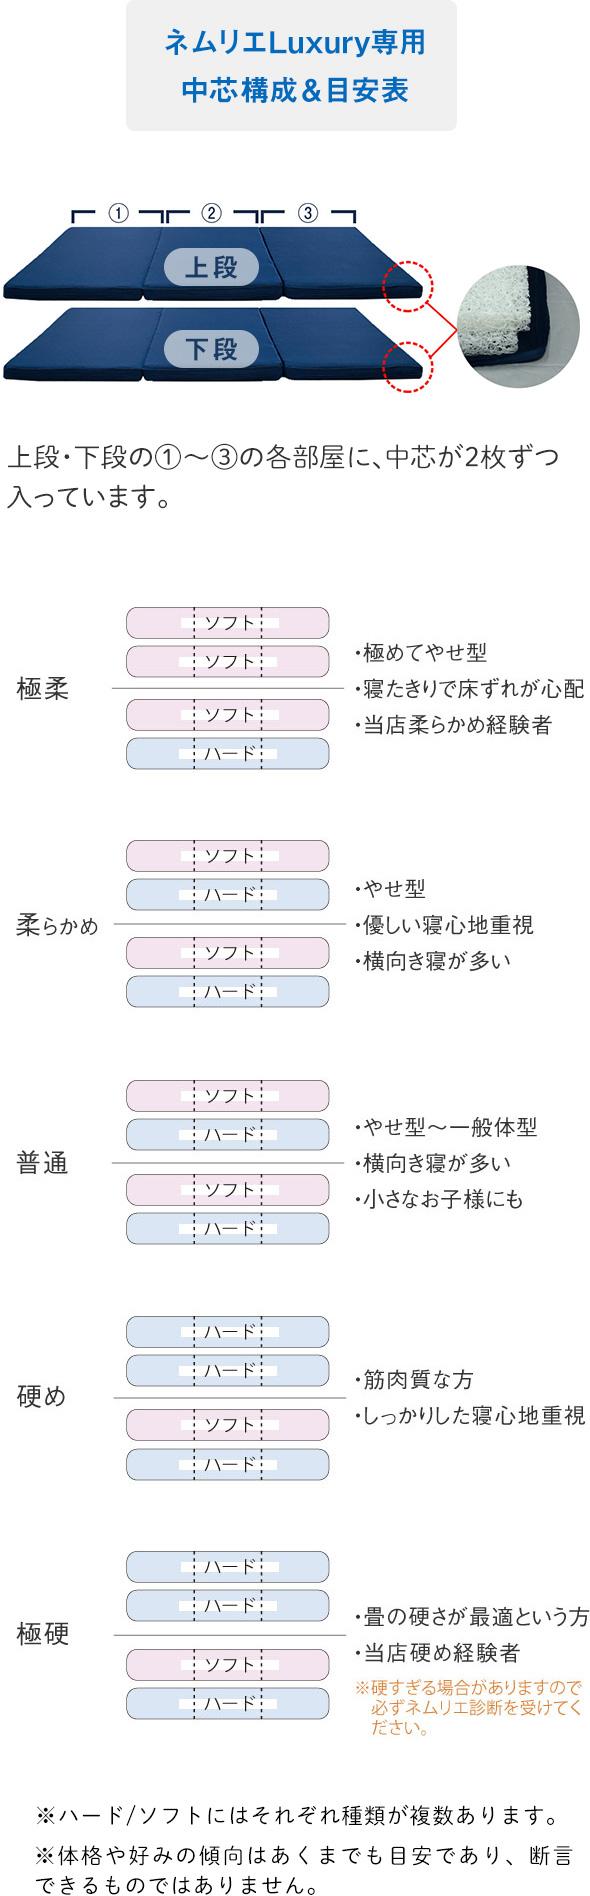 ネムリエシリーズ敷布団ラグジュアリー構成表